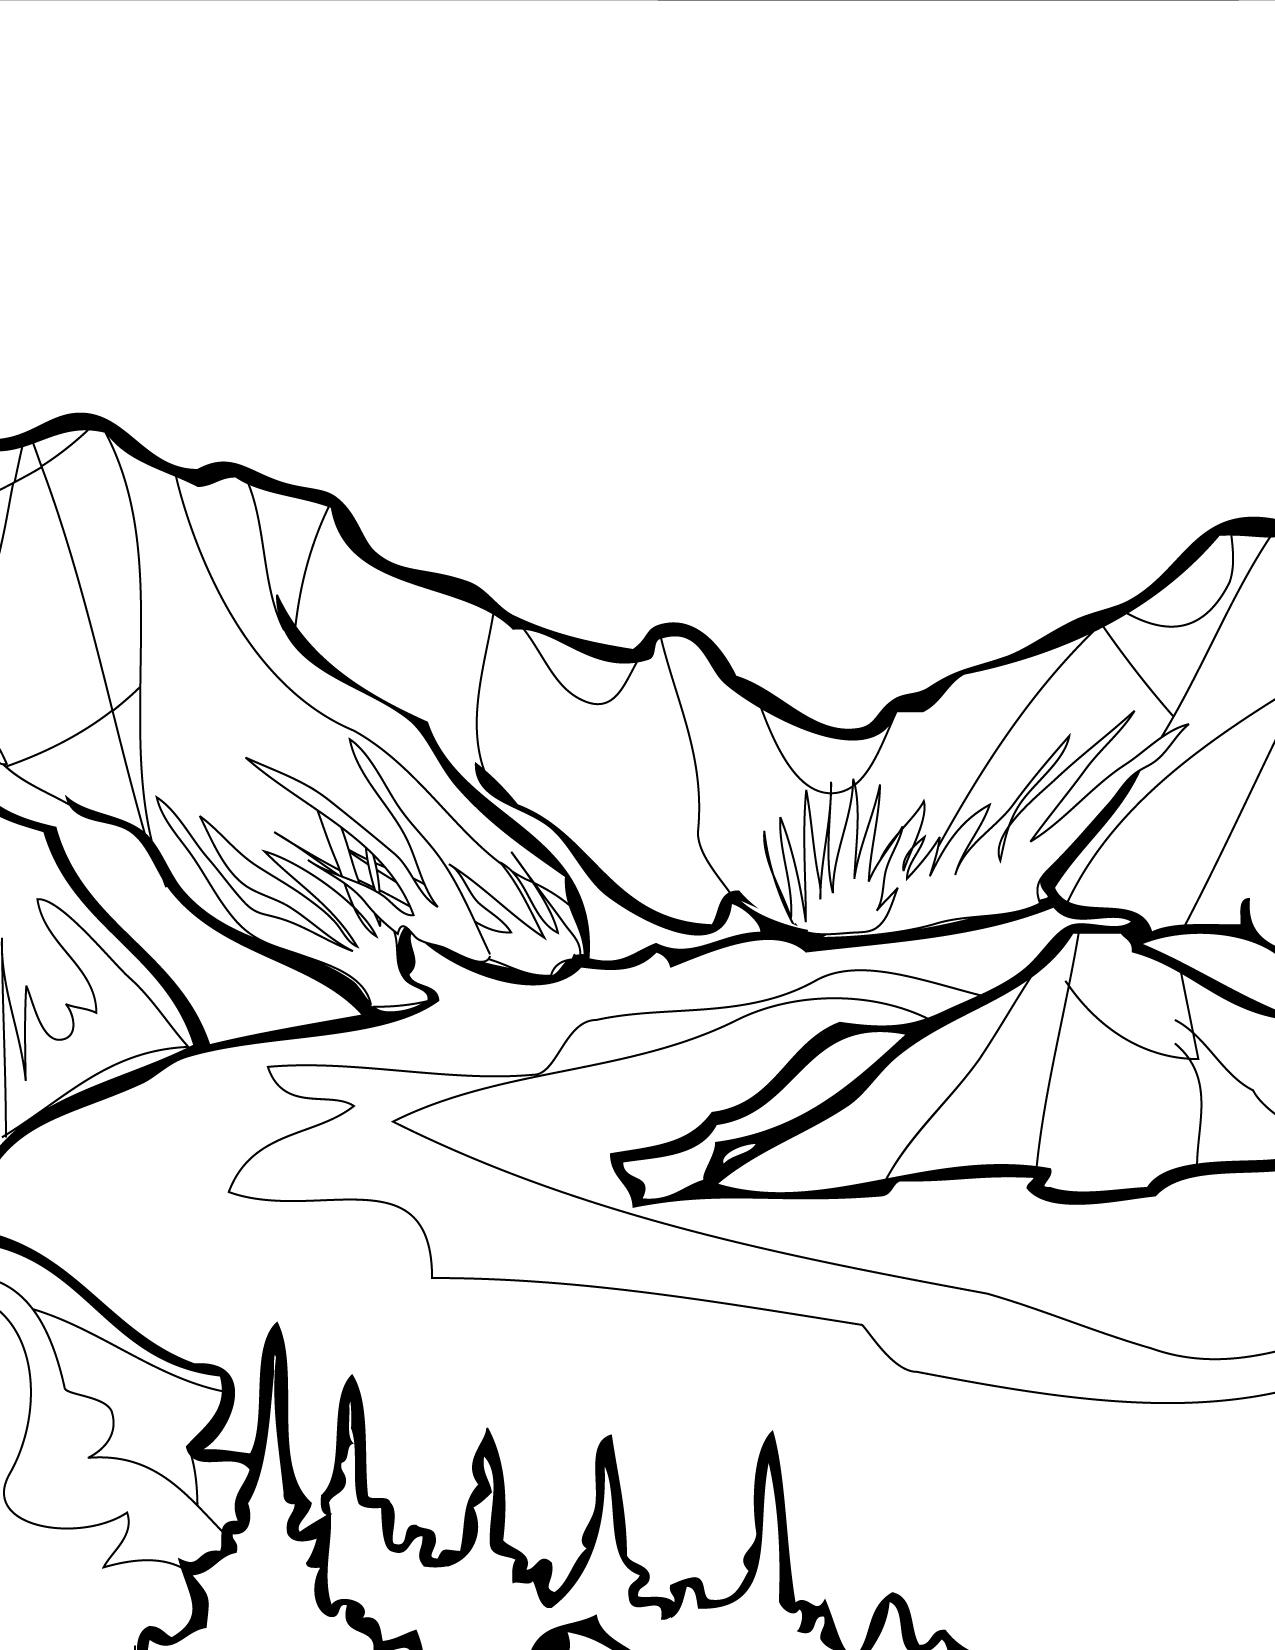 Lake coloring #20, Download drawings